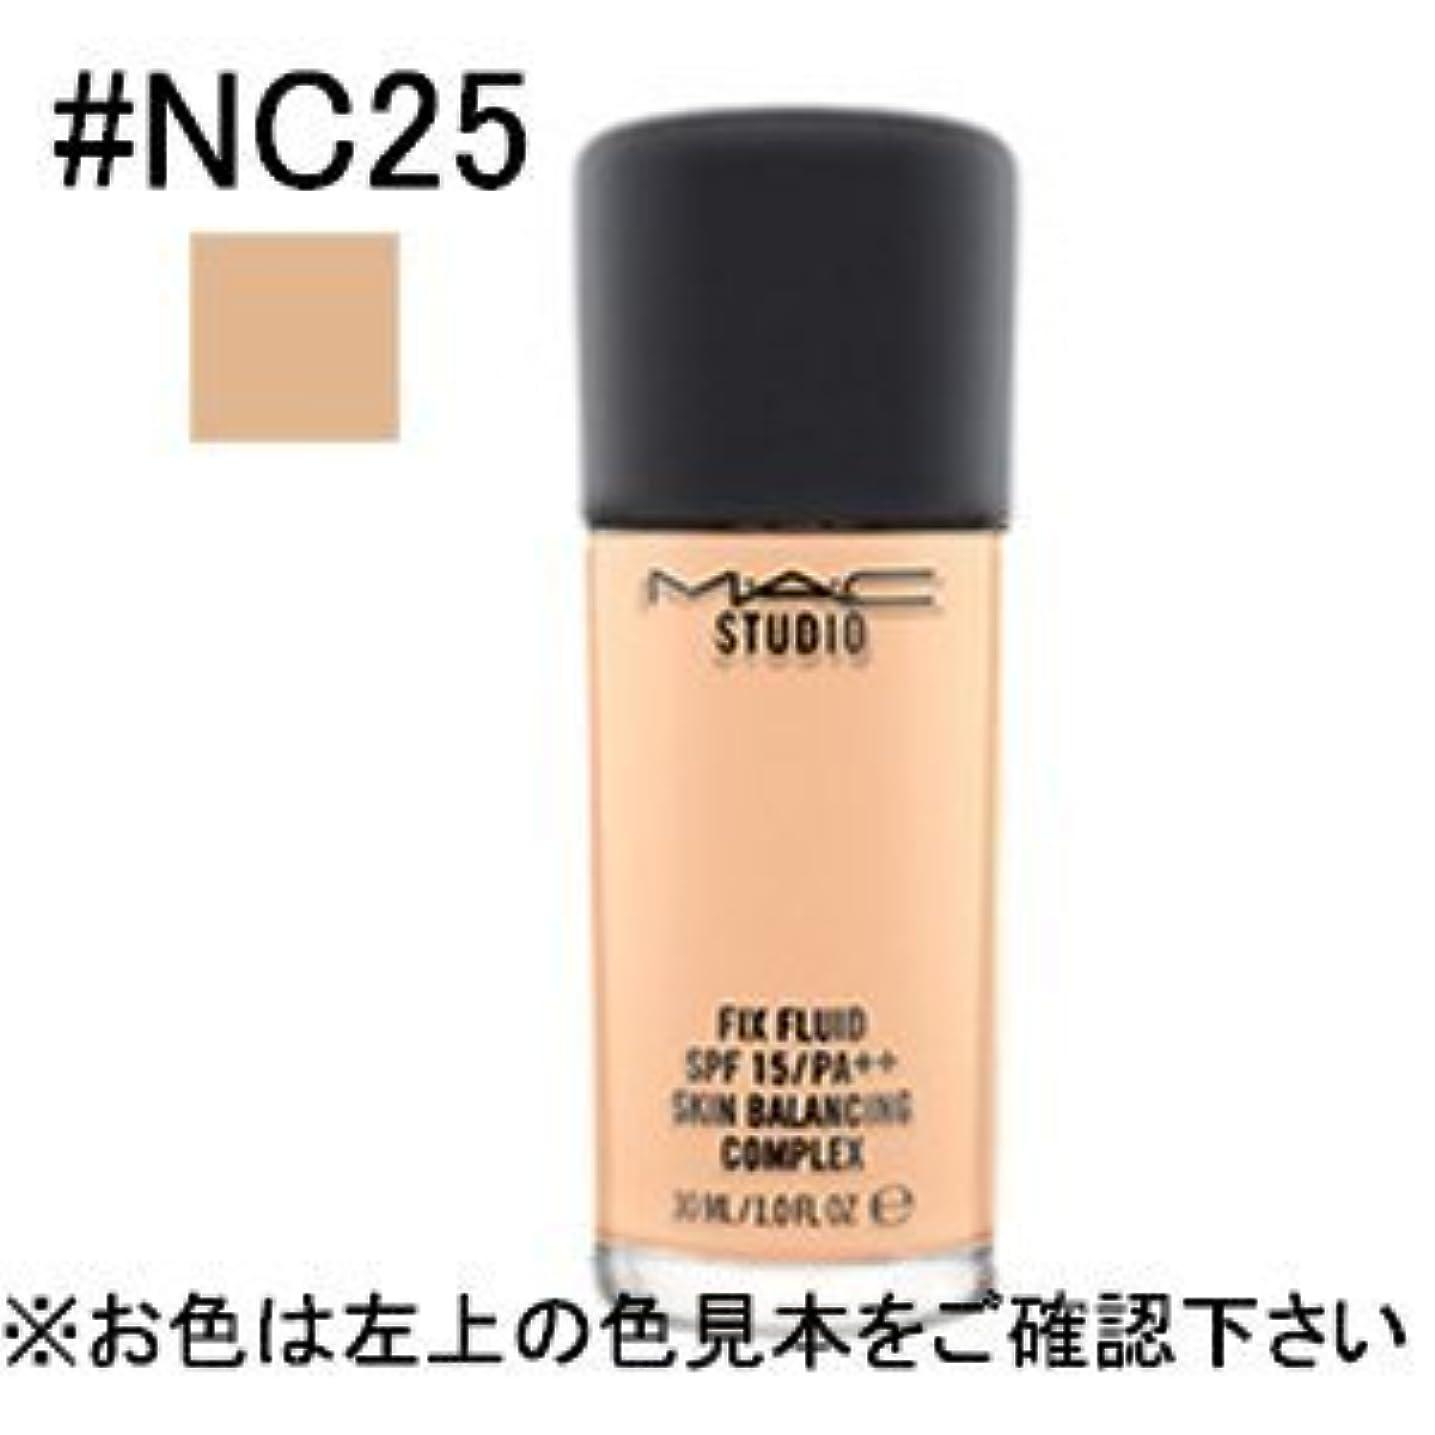 ベッド収縮通訳【MAC リキッドファンデーション】スタジオ フィックス フルイッド #NC25